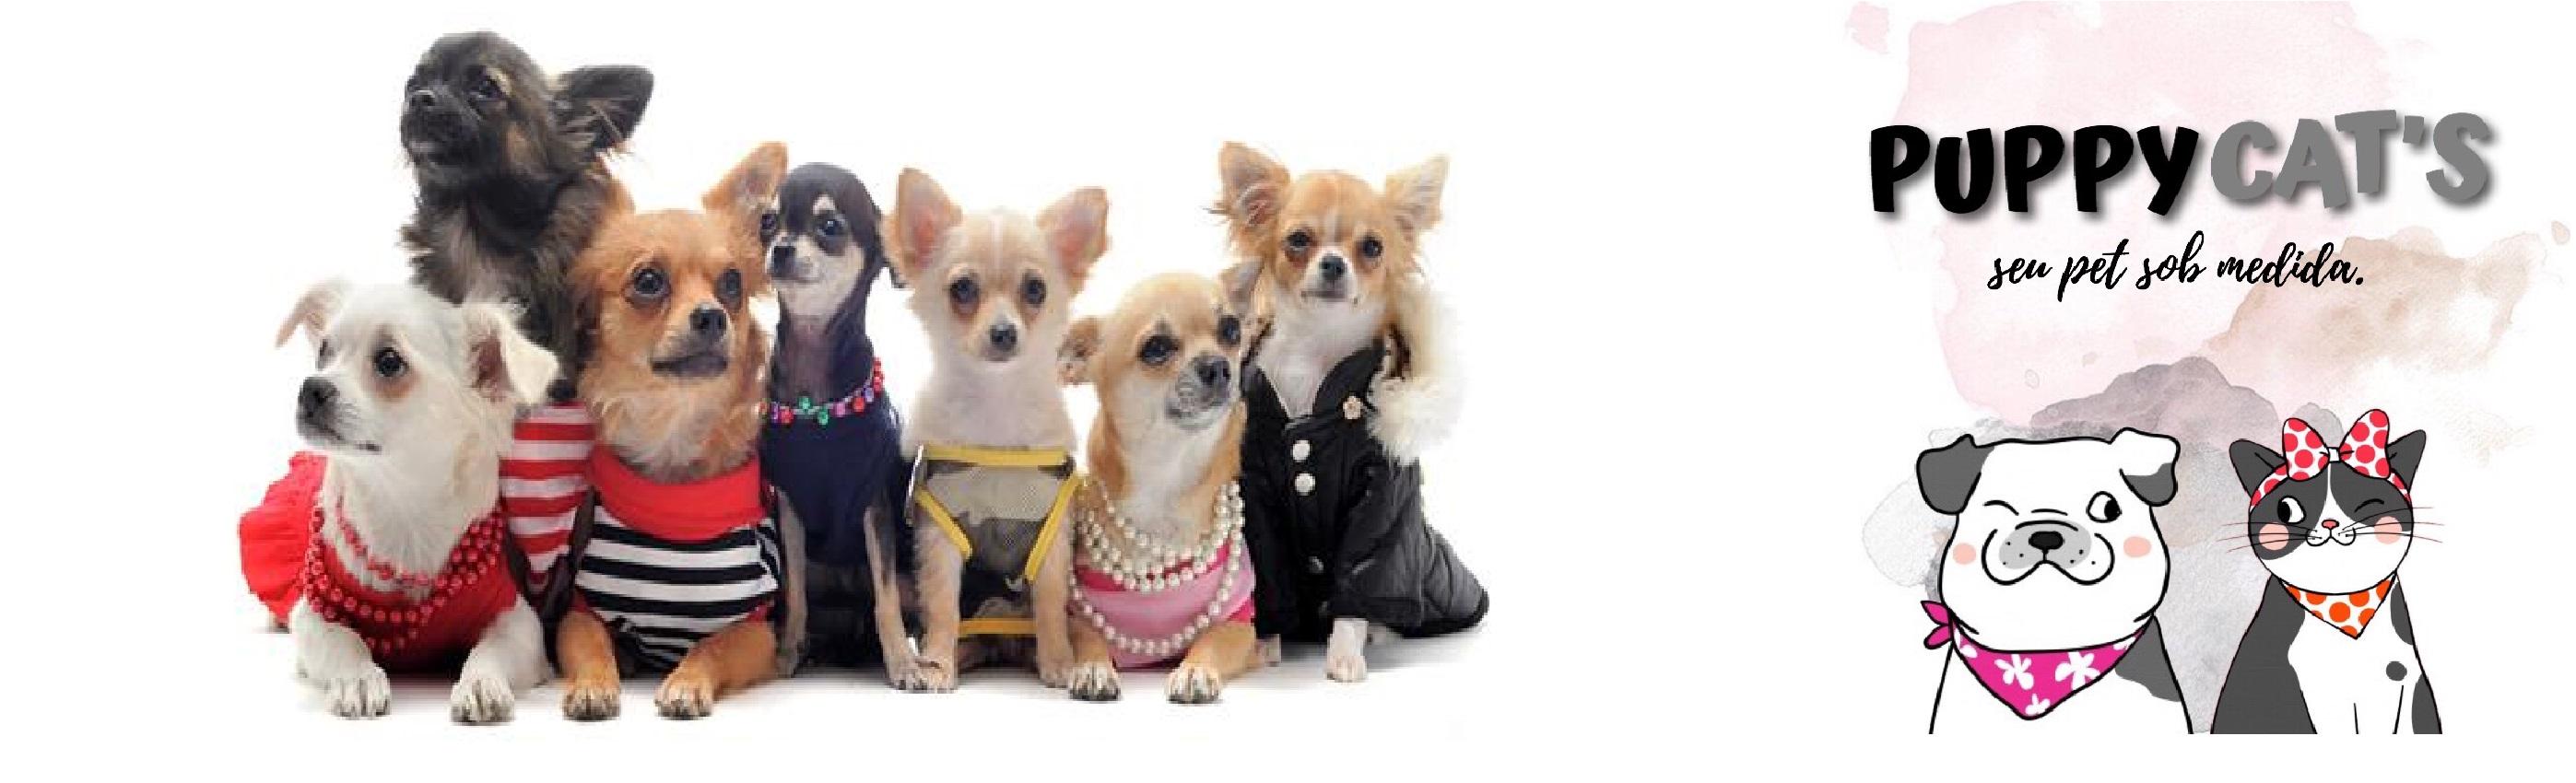 PuppyCats